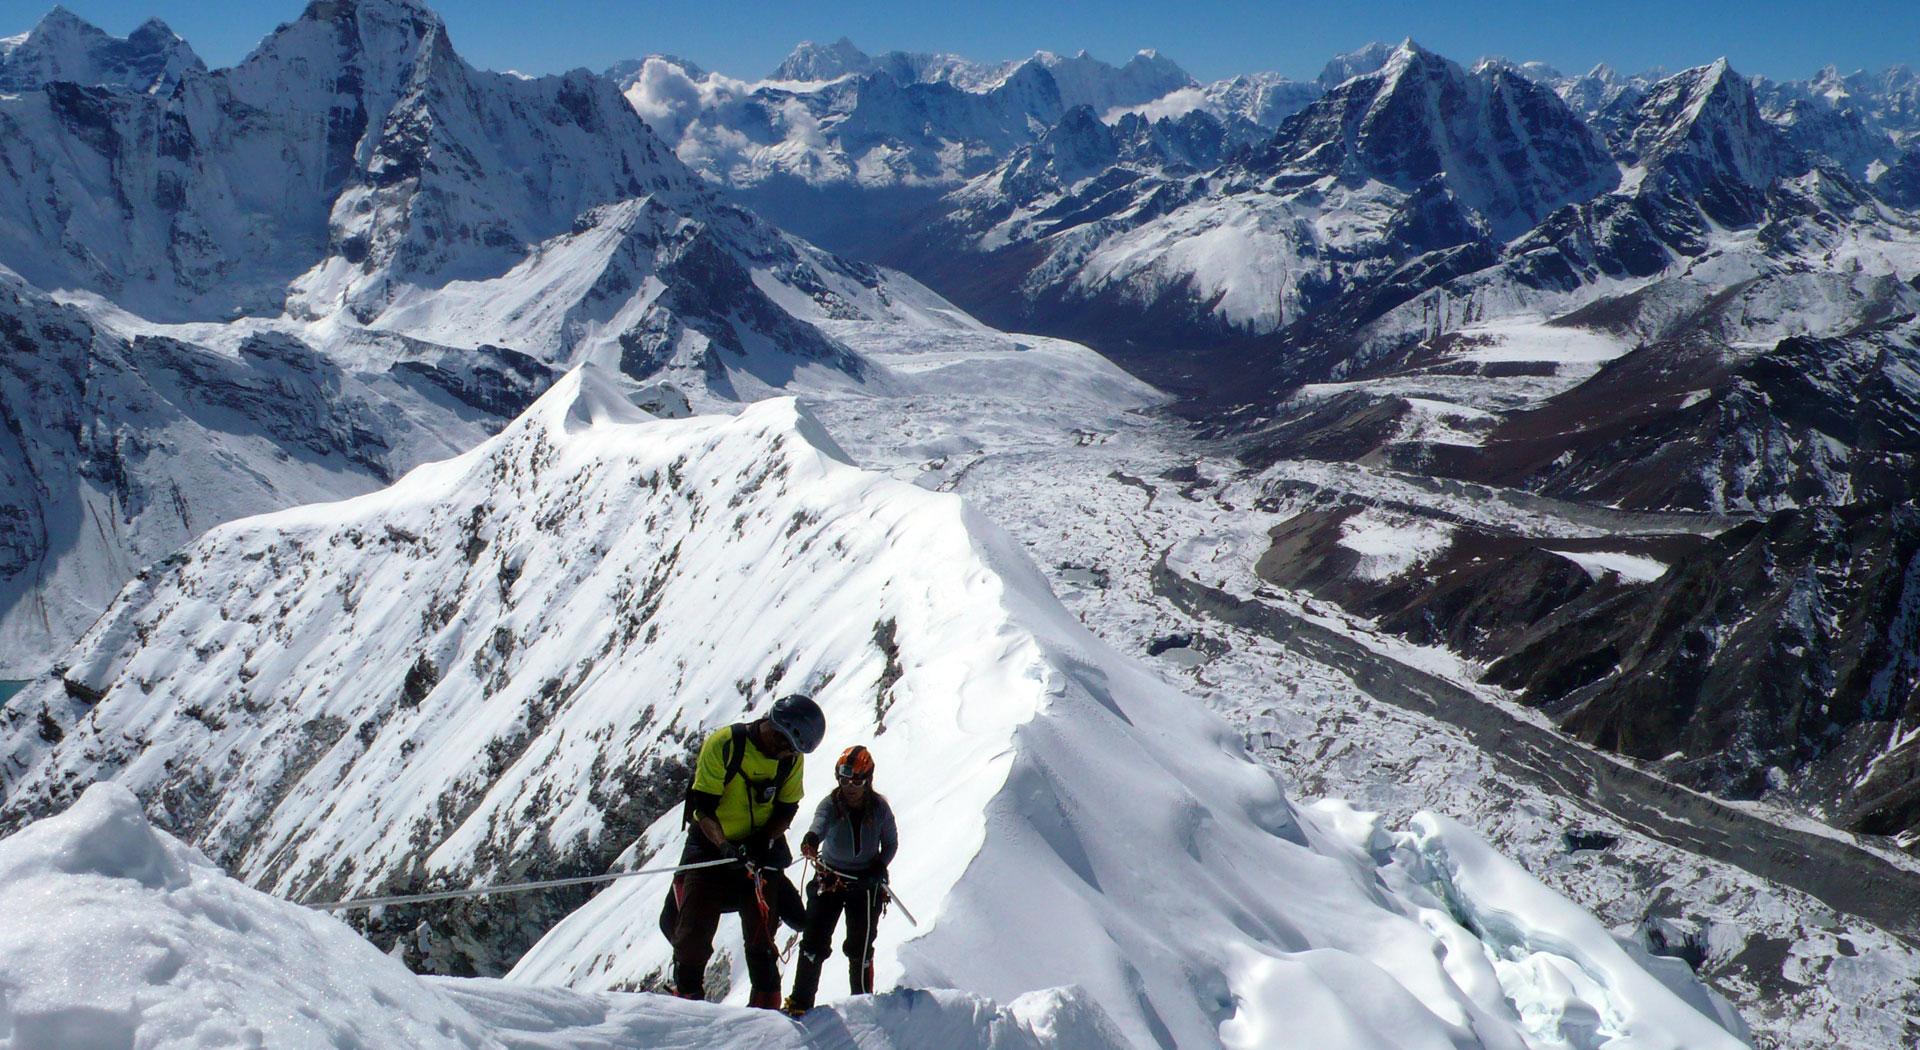 Pastore Peak adventures